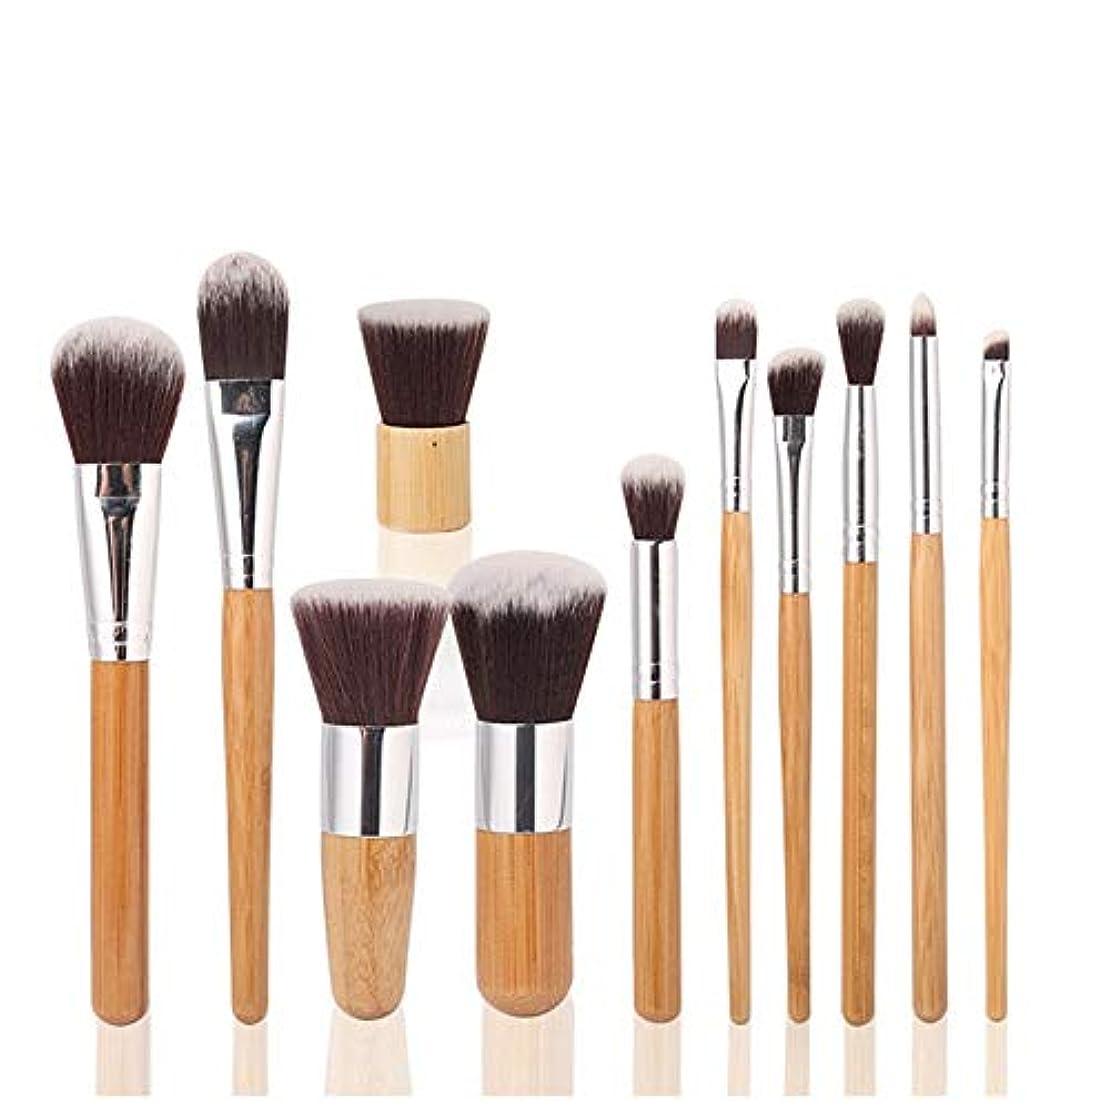 ブリリアント苦味Makeup brushes 11竹ハンドル化粧ブラシツールポータブルセットコンシーラー美容化粧放電組み合わせリネンバッグを送信 suits (Color : Clear)